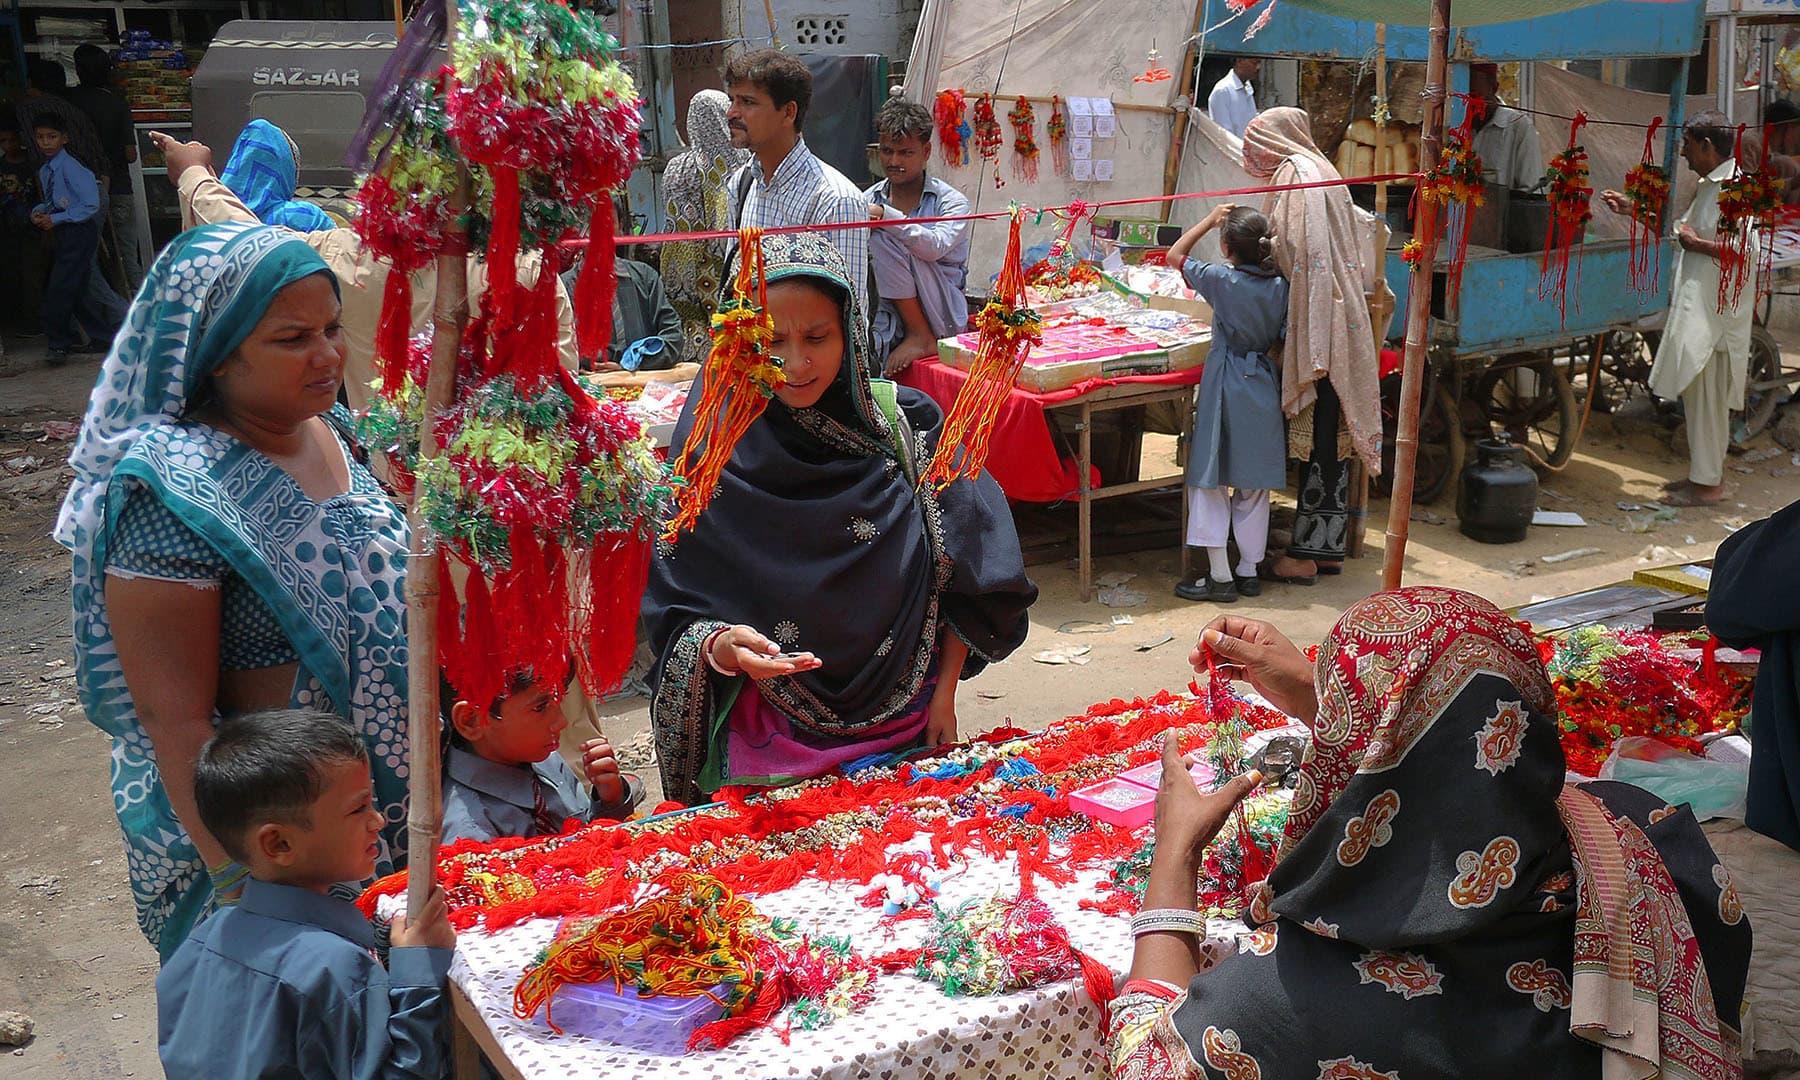 رکشا بندھن کے موقعے پر بہنیں اپنے بھائیوں کے لیے راکھی خرید رہی ہیں